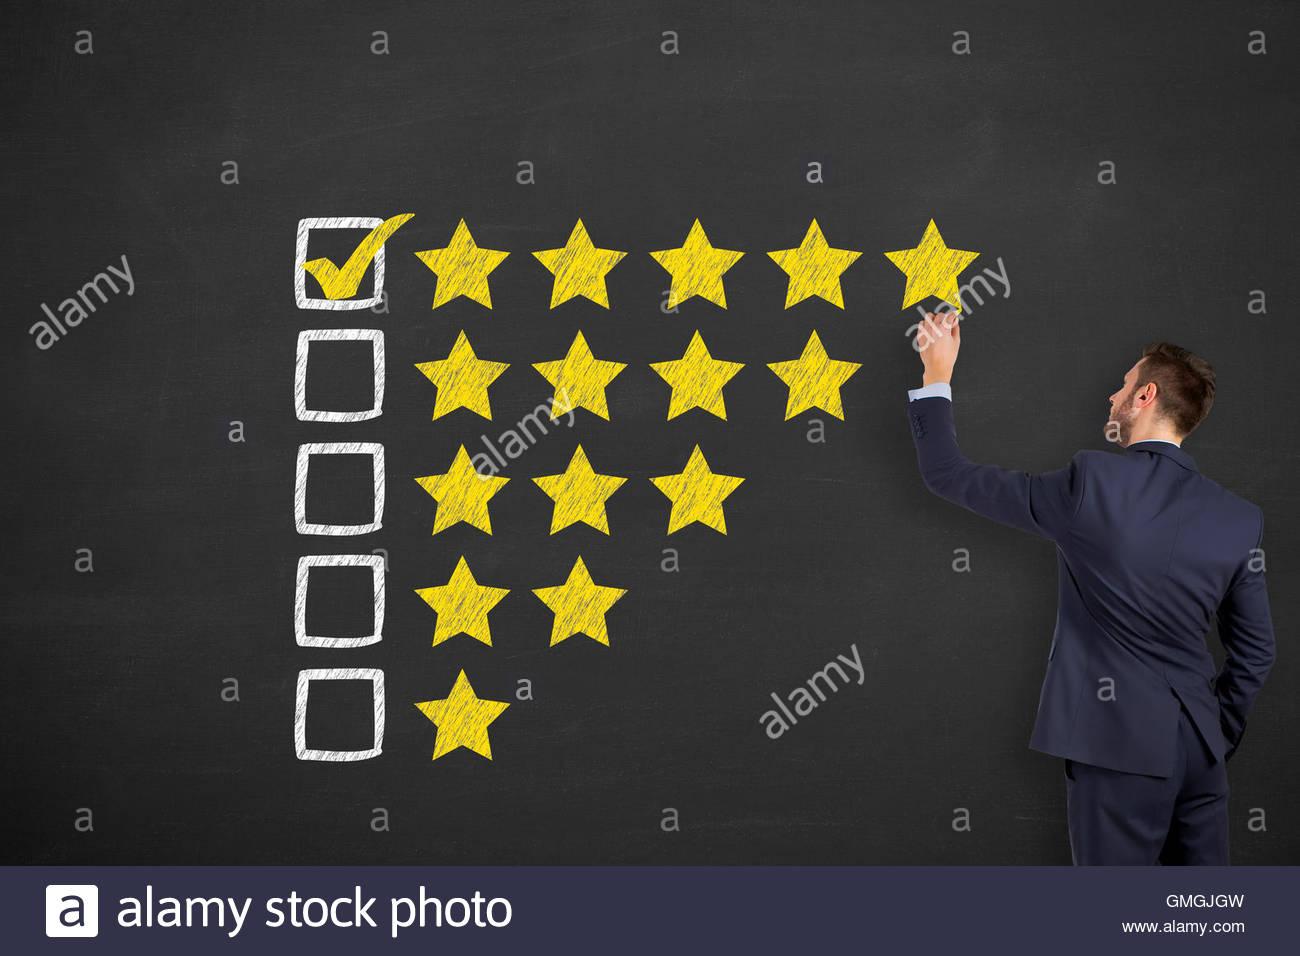 Kundenzufriedenheit auf Blackboard Hintergrund Kundenzufriedenheit, Qualitätskontrolle, Kunde, Perfektion, Stockbild